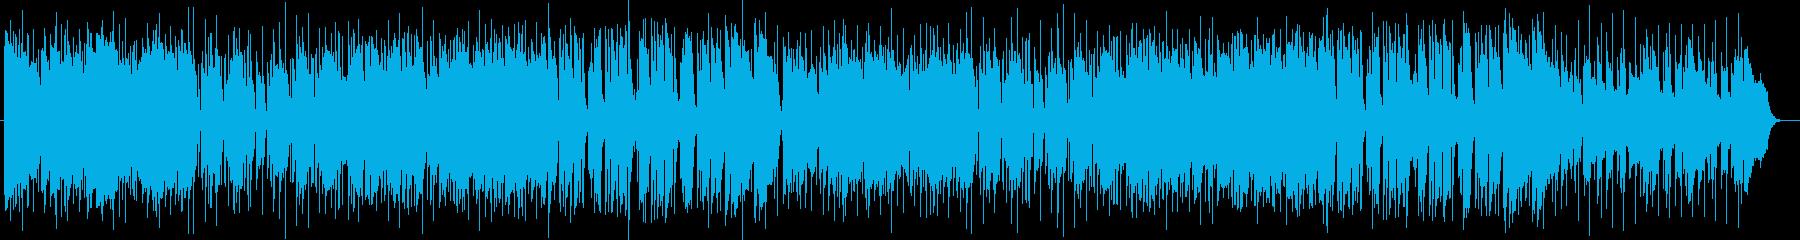 キーボードとピアノのポップスの再生済みの波形